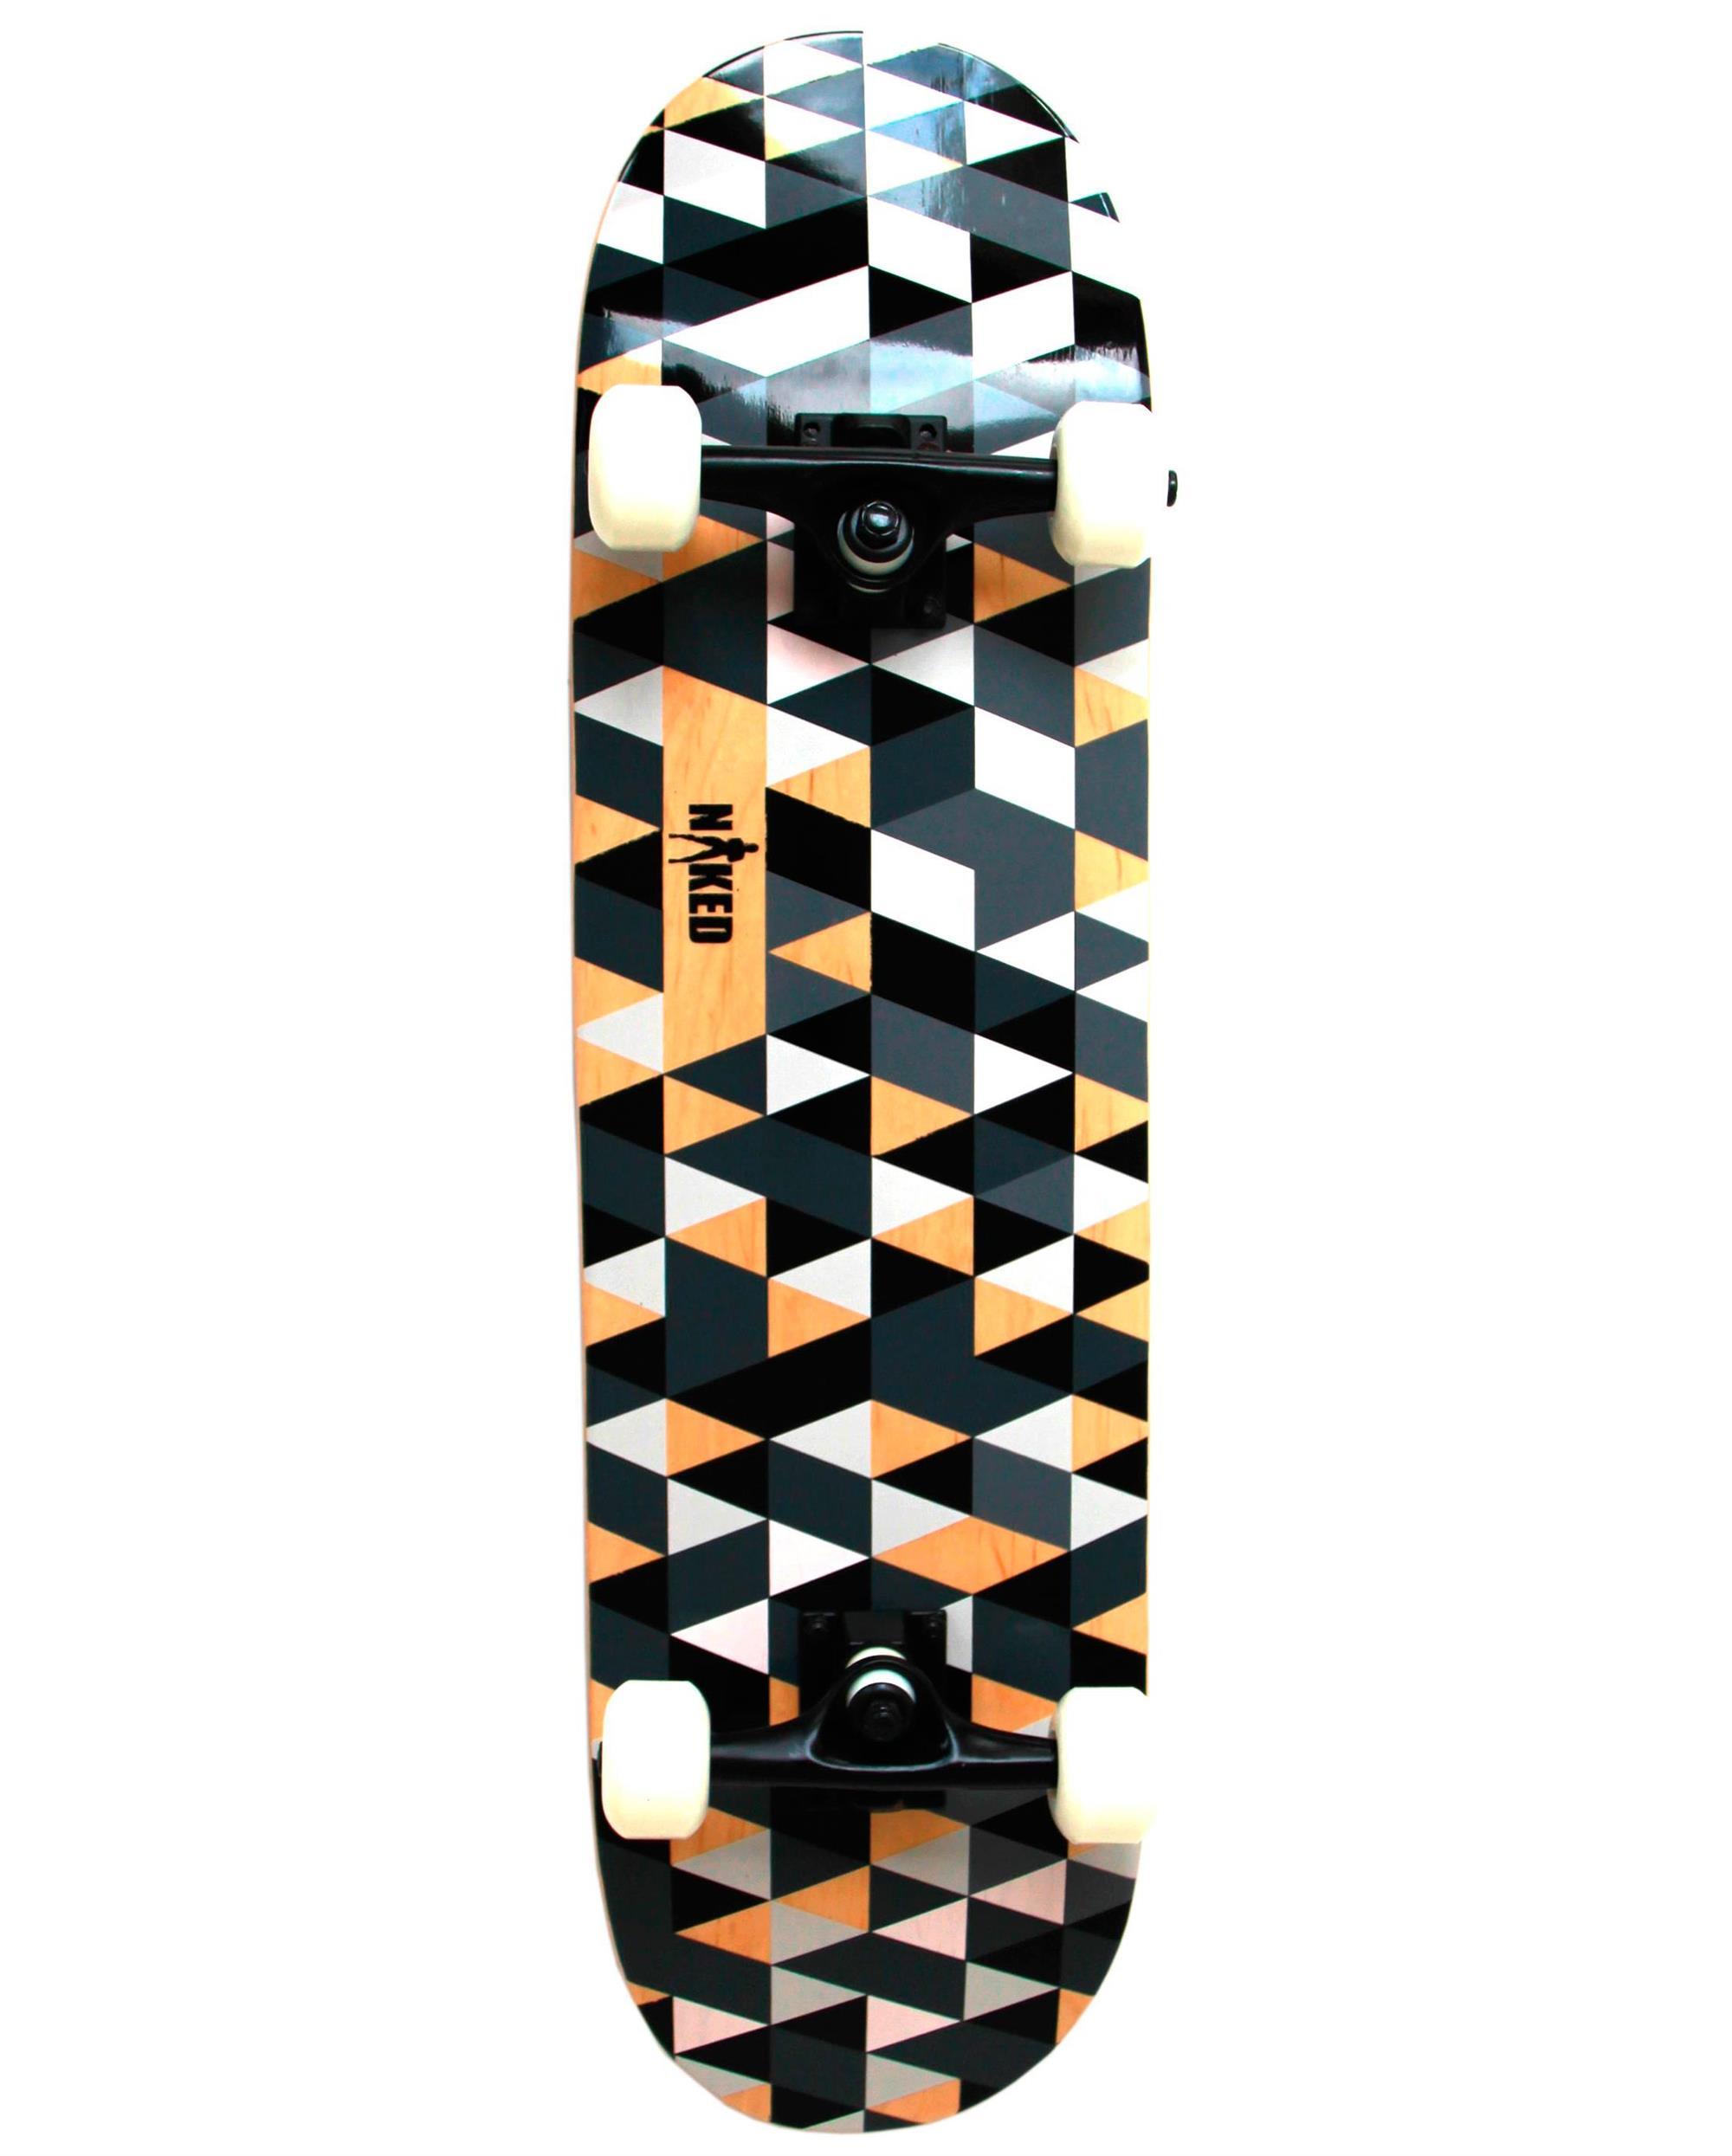 naked session skateboard. Black Bedroom Furniture Sets. Home Design Ideas